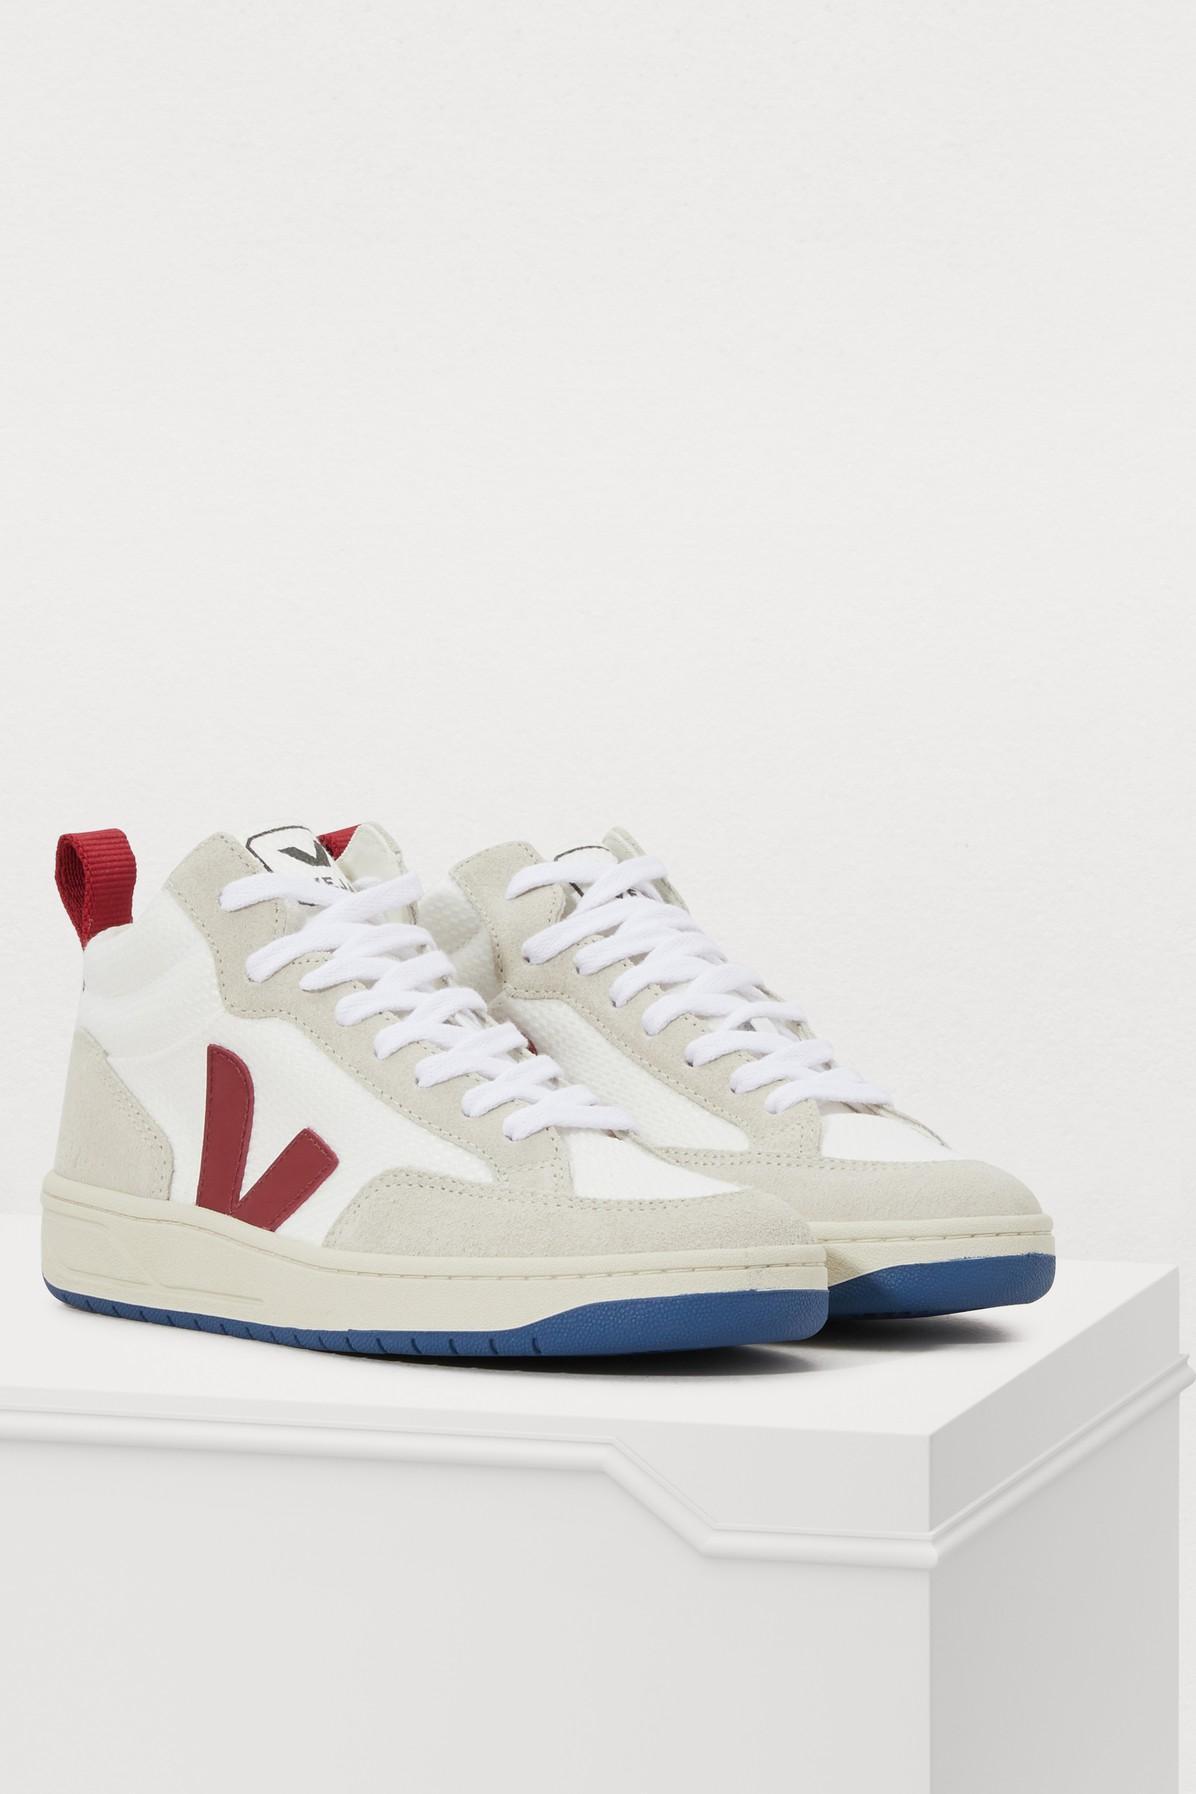 Veja Rubber Roraima B-mesh Sneakers in